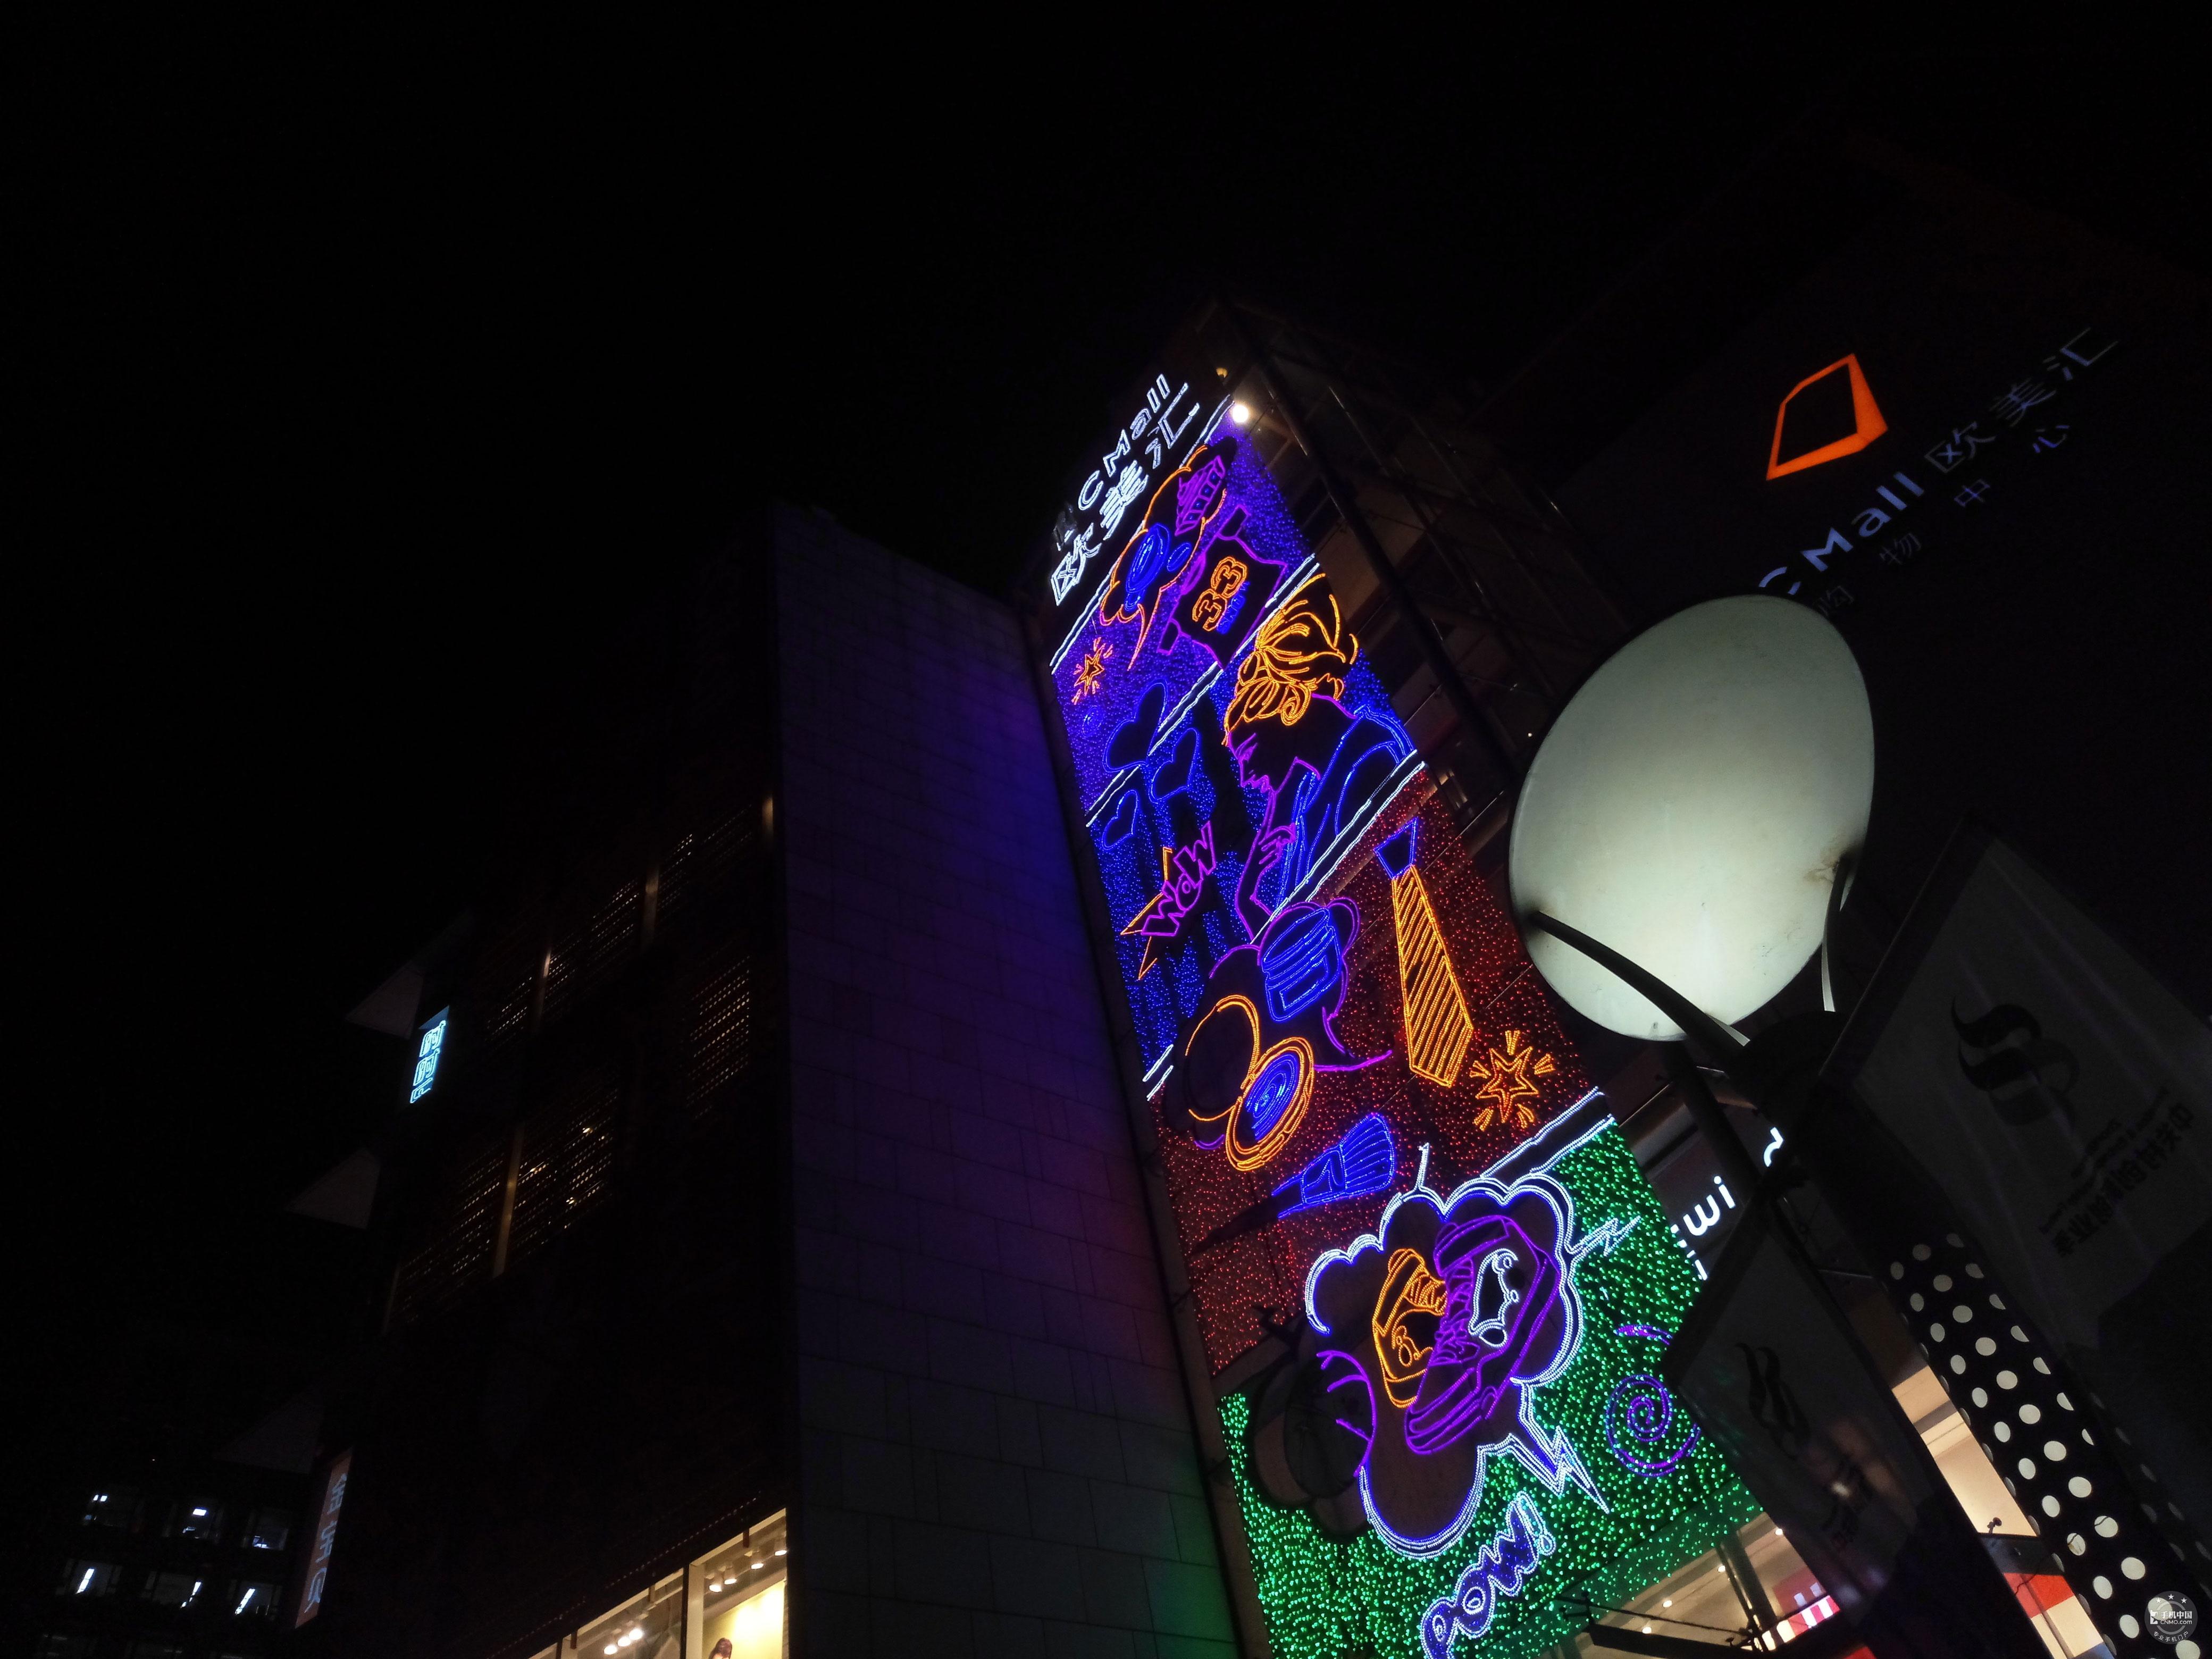 魅族PRO6s手机拍照出来的影像图第5张